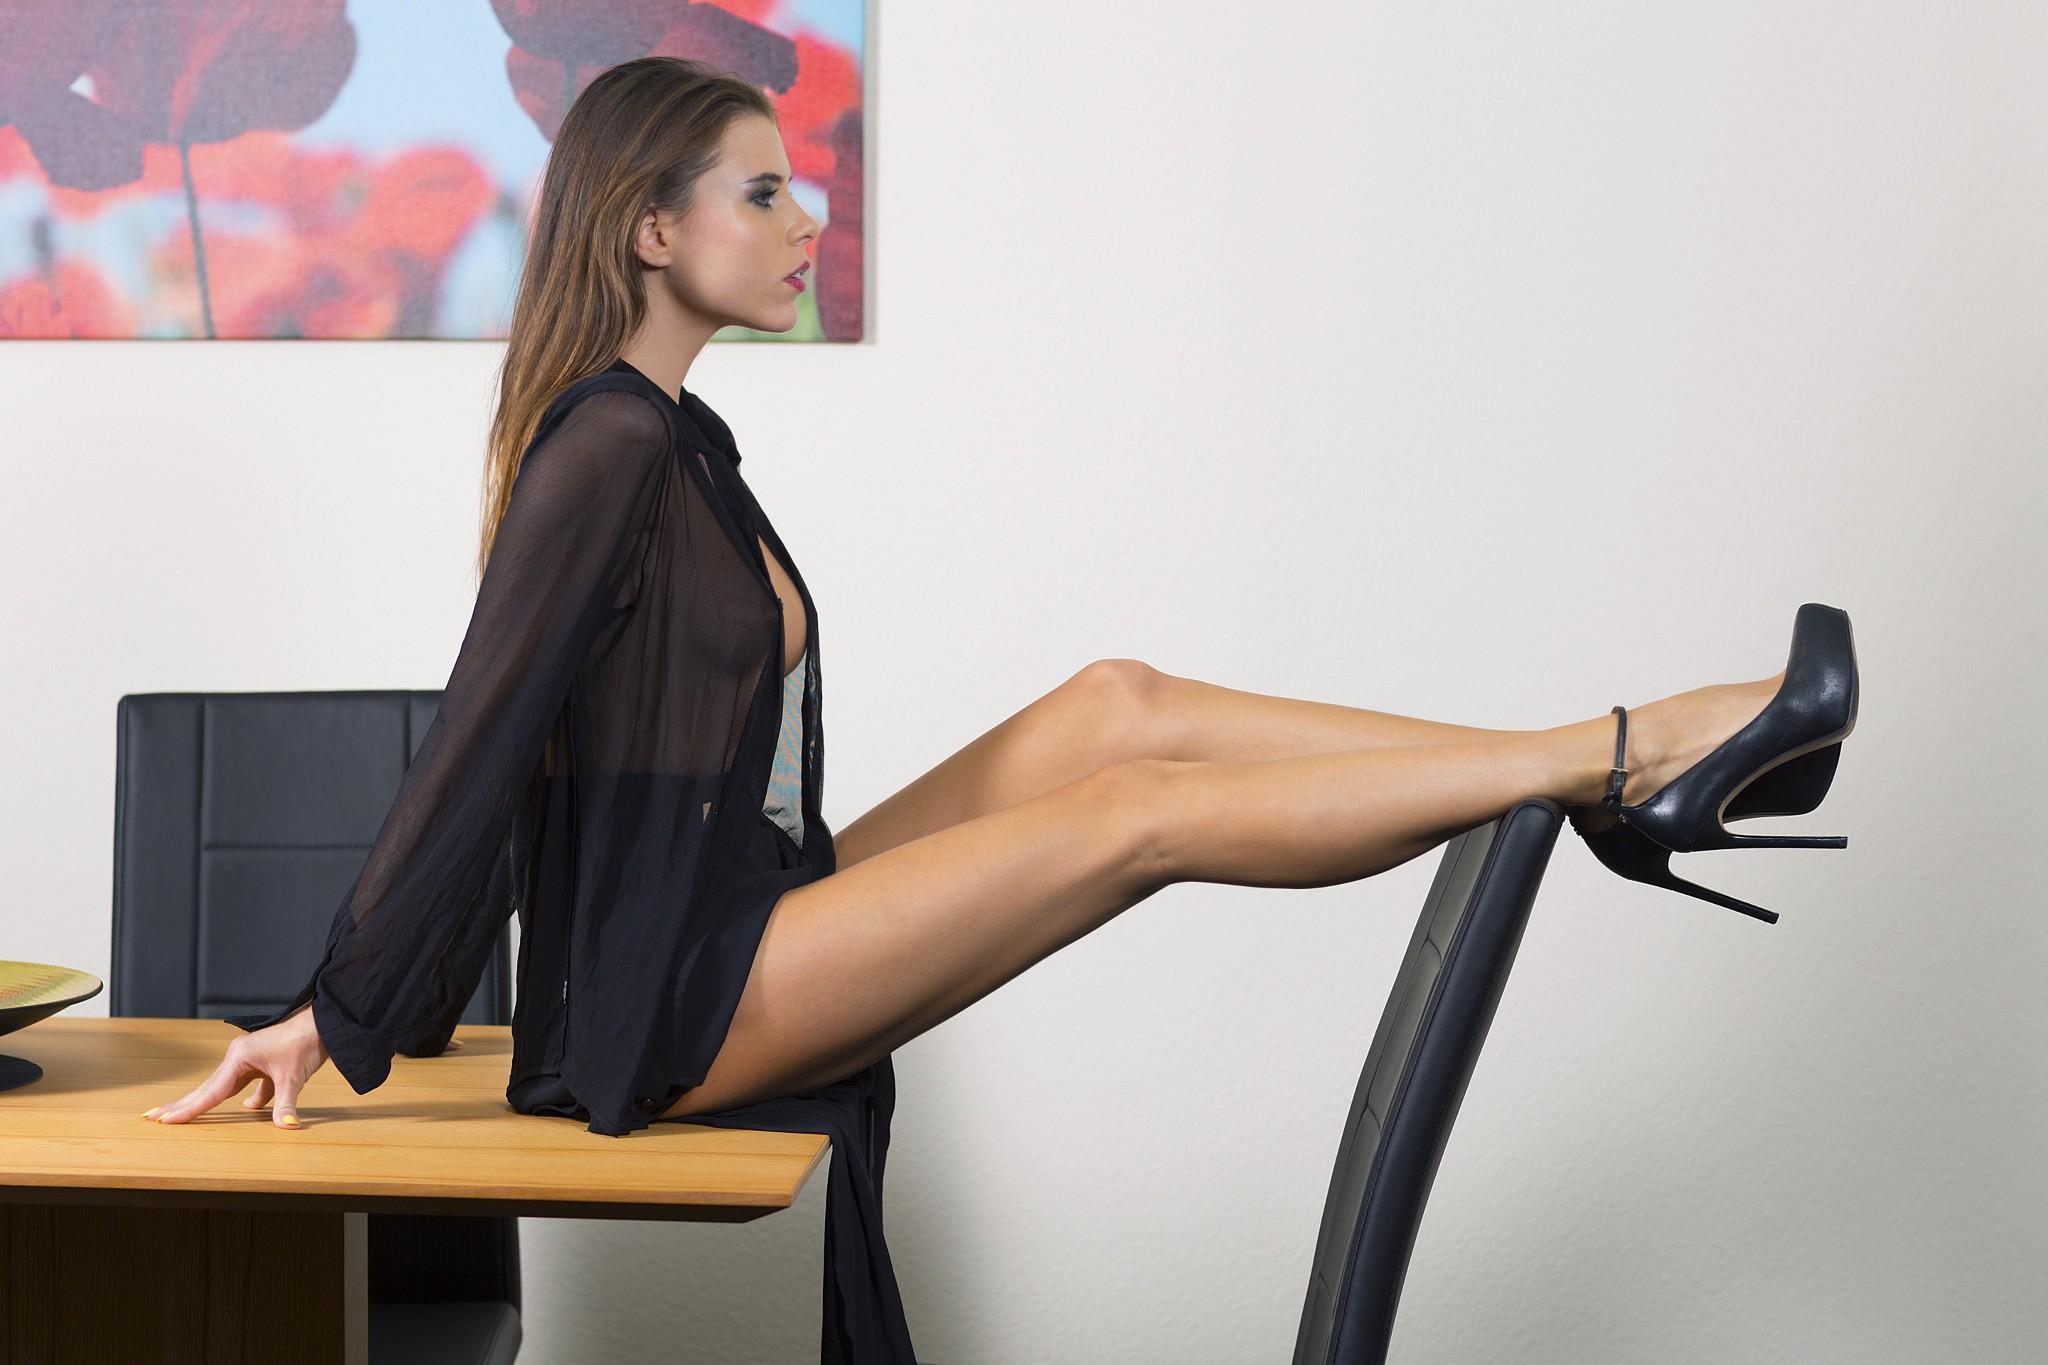 Fondos de pantalla mujer modelo mirando a otro lado for Ver videos porno en la oficina